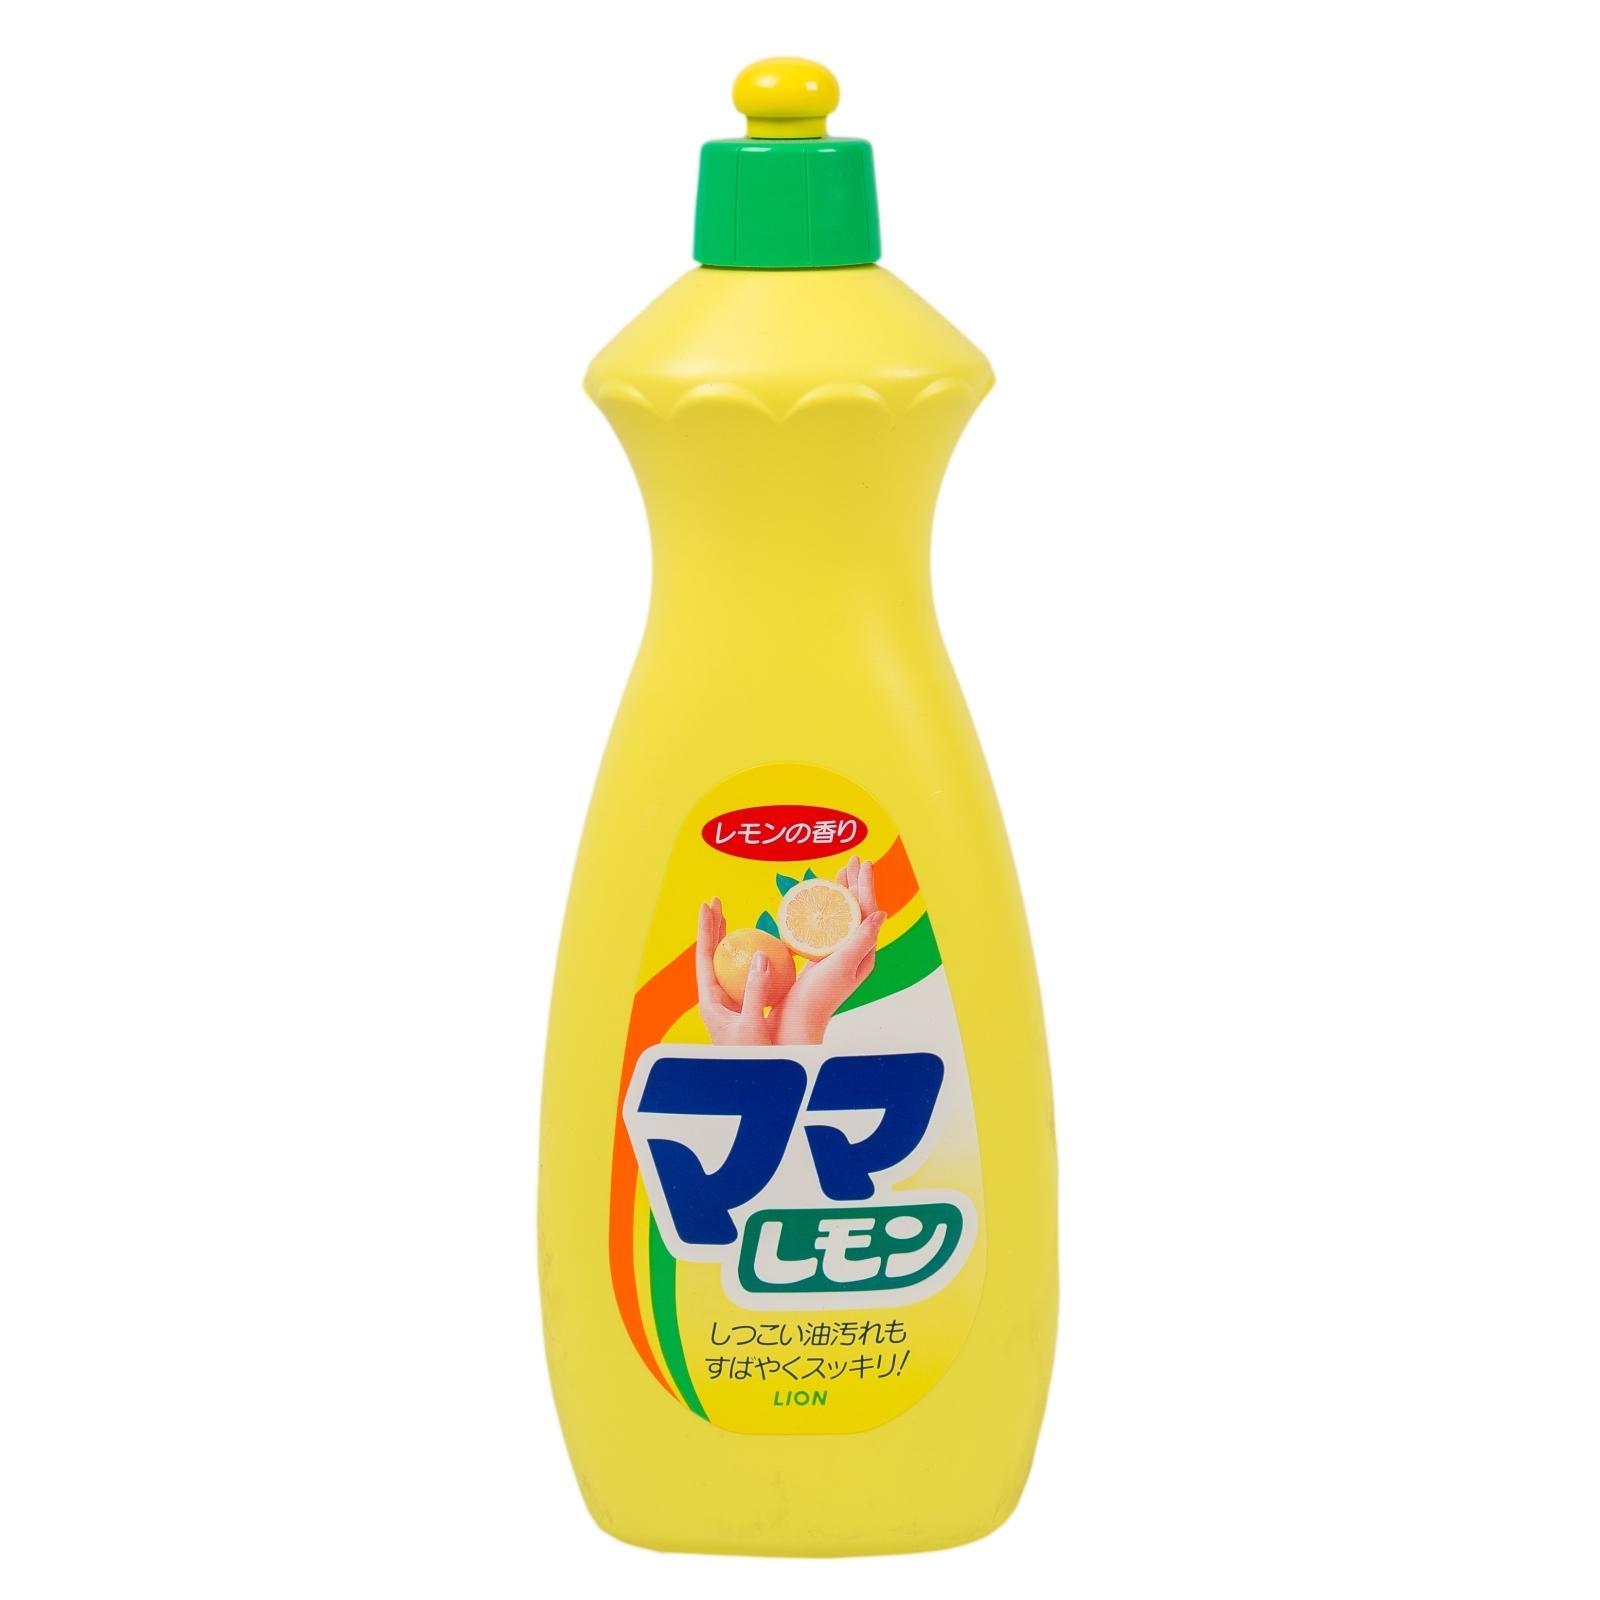 Жидкое средство для мытья посуды Lion  Mama Lemon 380 мл.